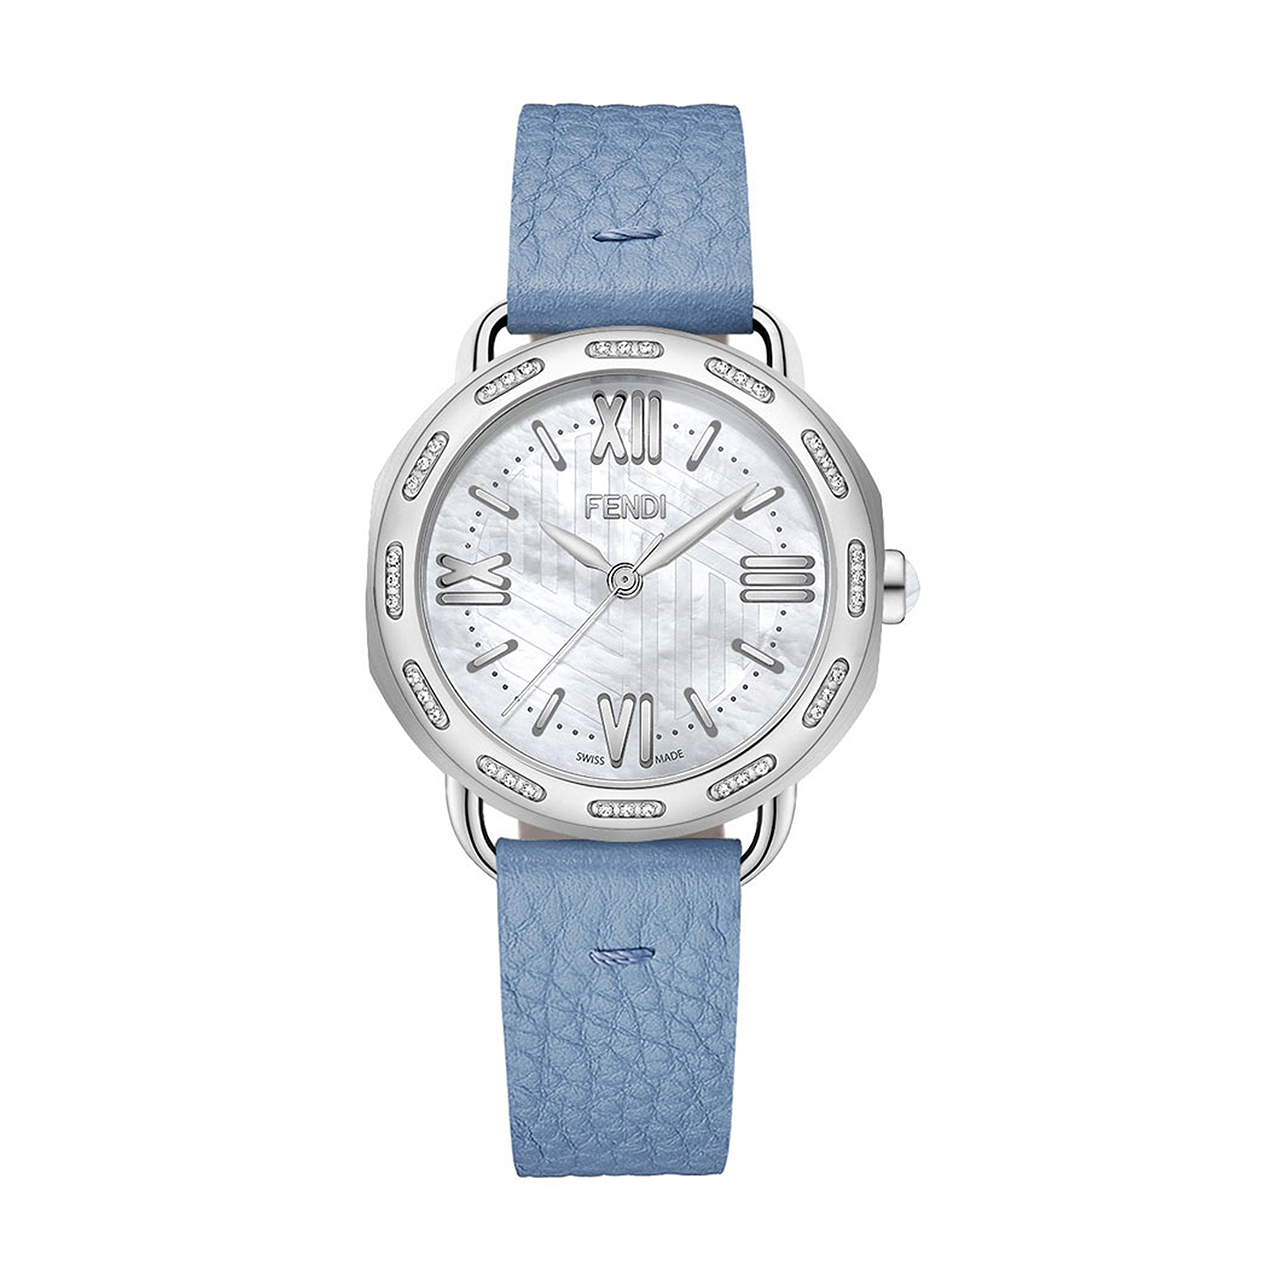 ساعت مچی عقربه ای زنانه فندی مدل F8300345H0C0